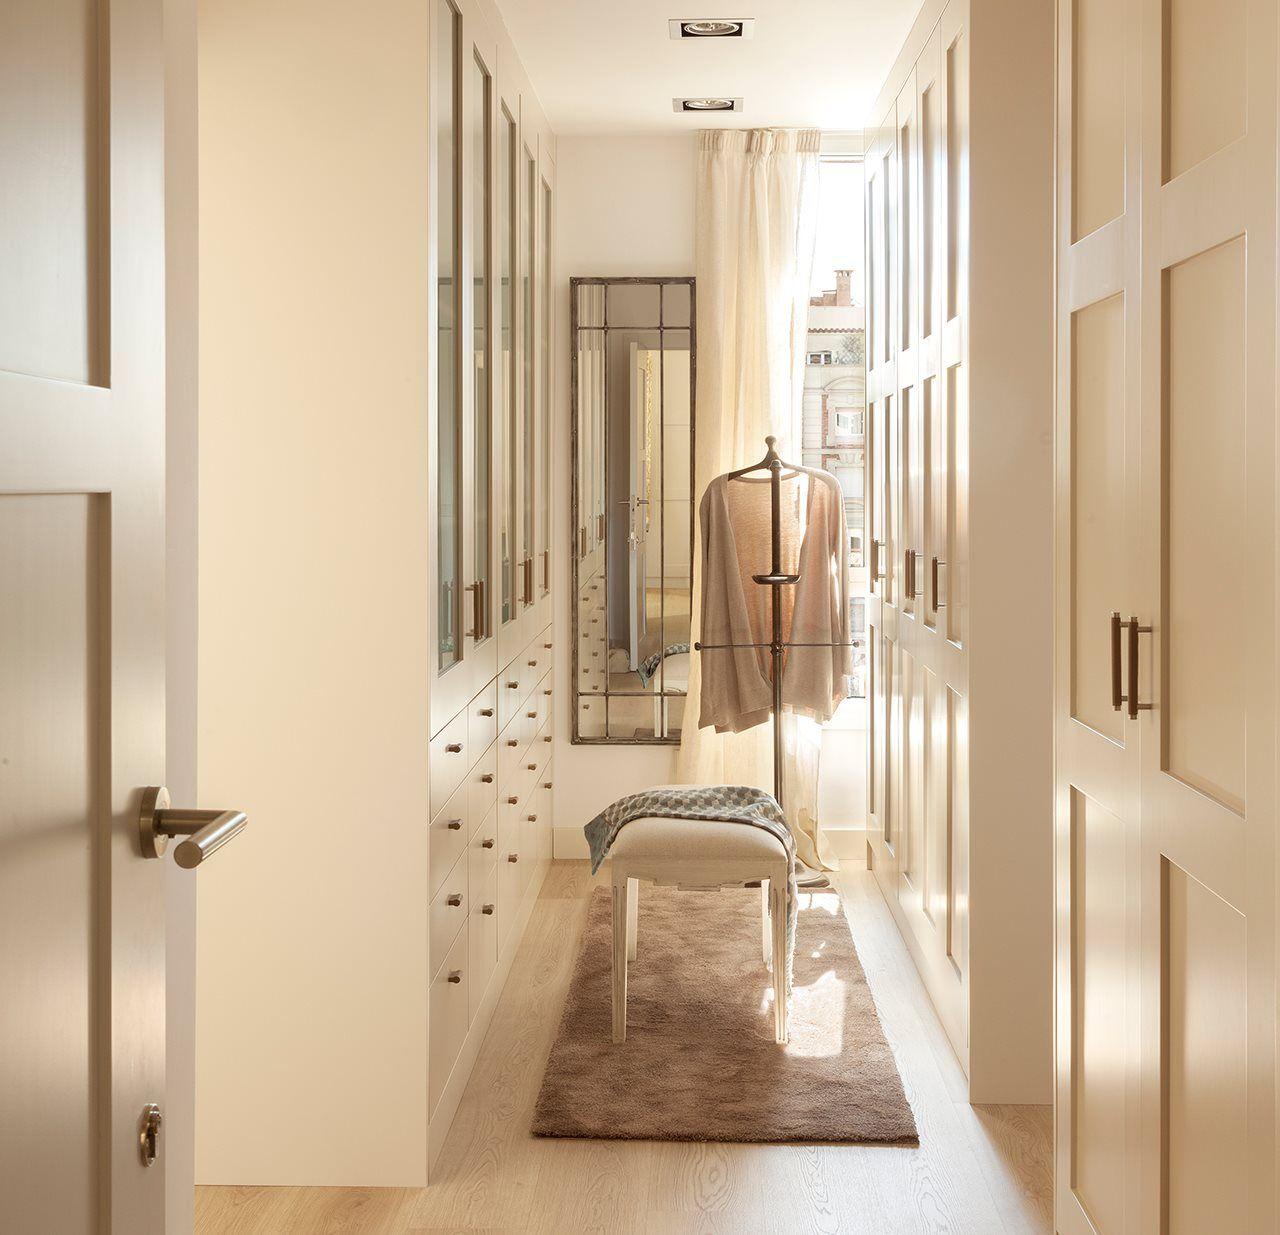 Vestidor perfecto a perfect closet decoracasa for Dormitorio y closet